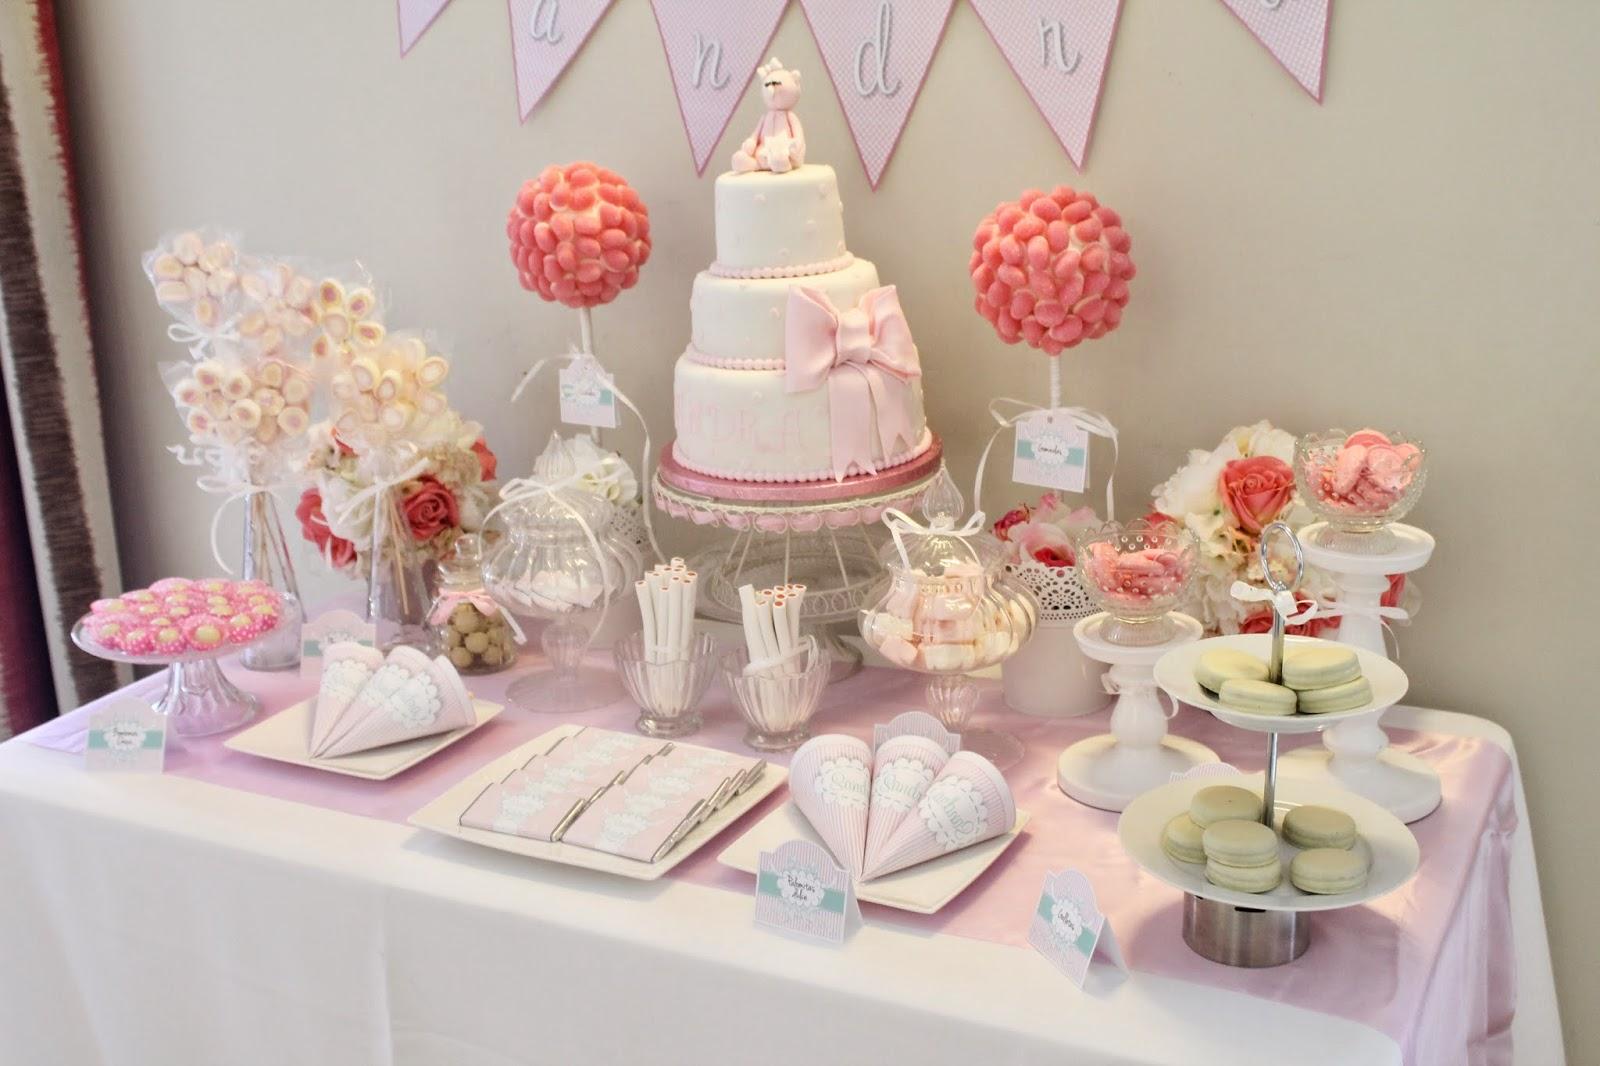 28 ideas para decorar mesas de dulces de todo tipo for Mesa de dulces para bautizo de nina